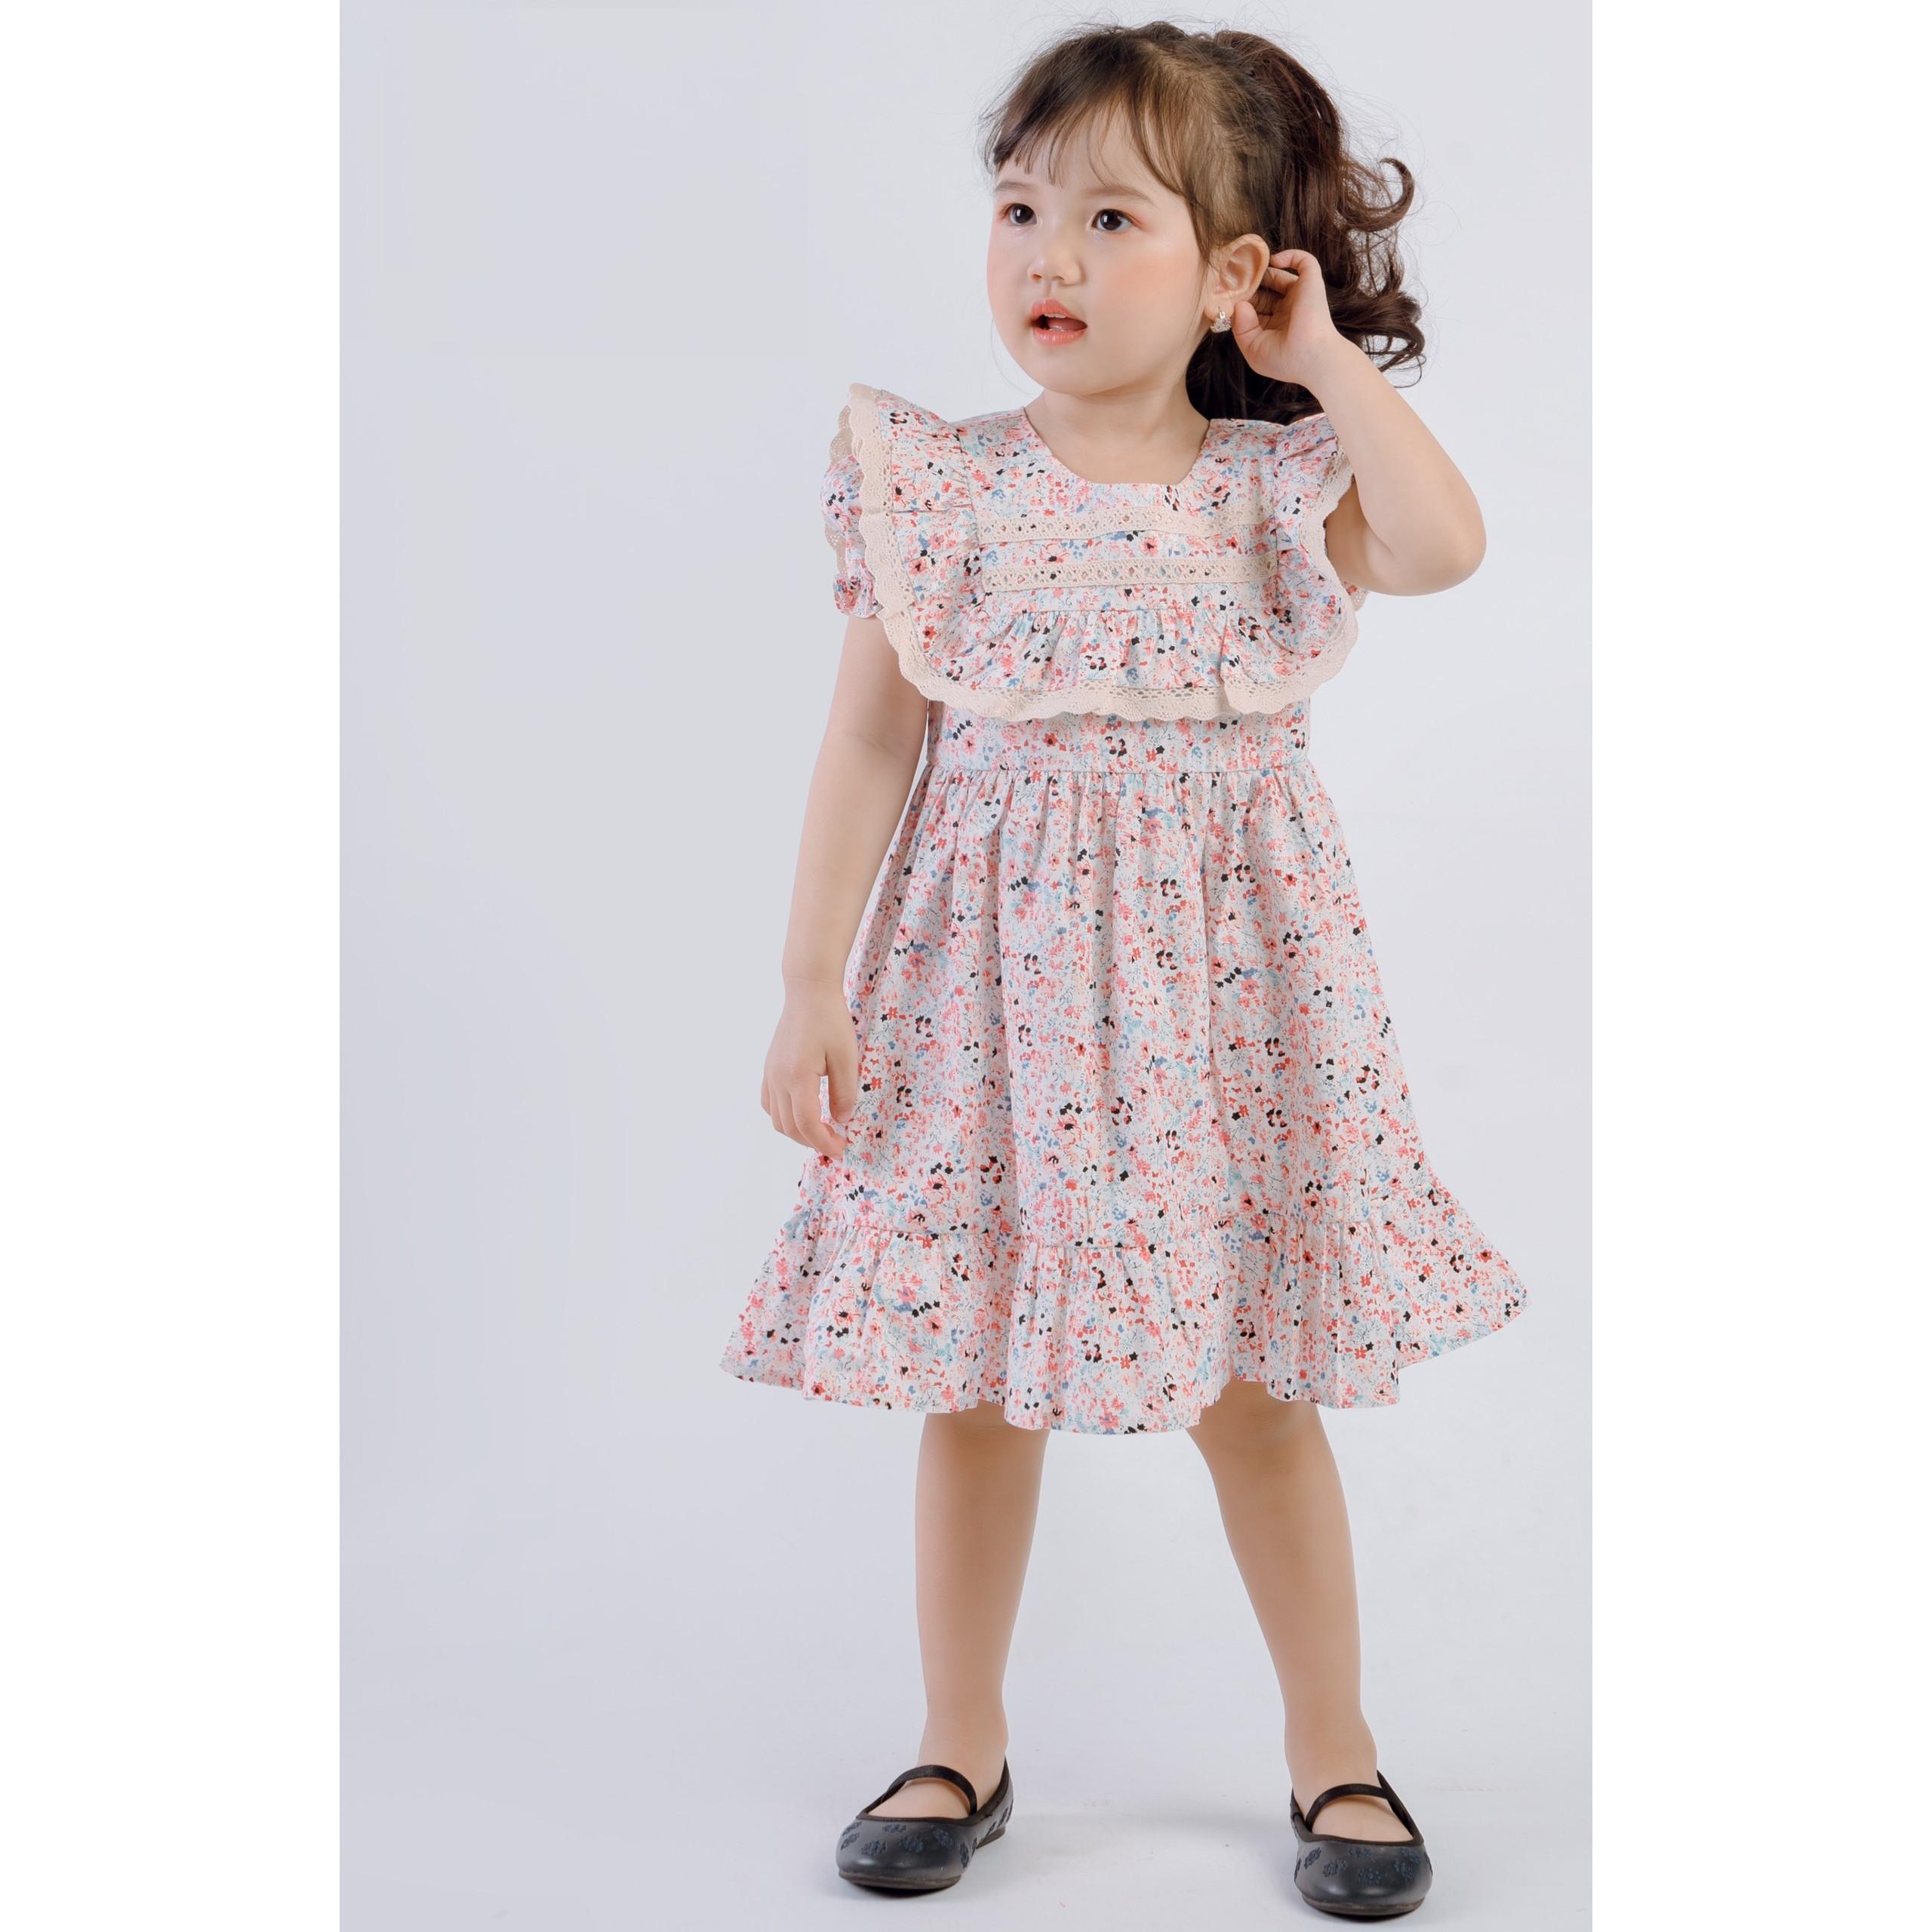 Váy thô hoa cộc tay phối ren bé gái 1-12 tuổi - Đầm bé gái Thương hiệu OEM